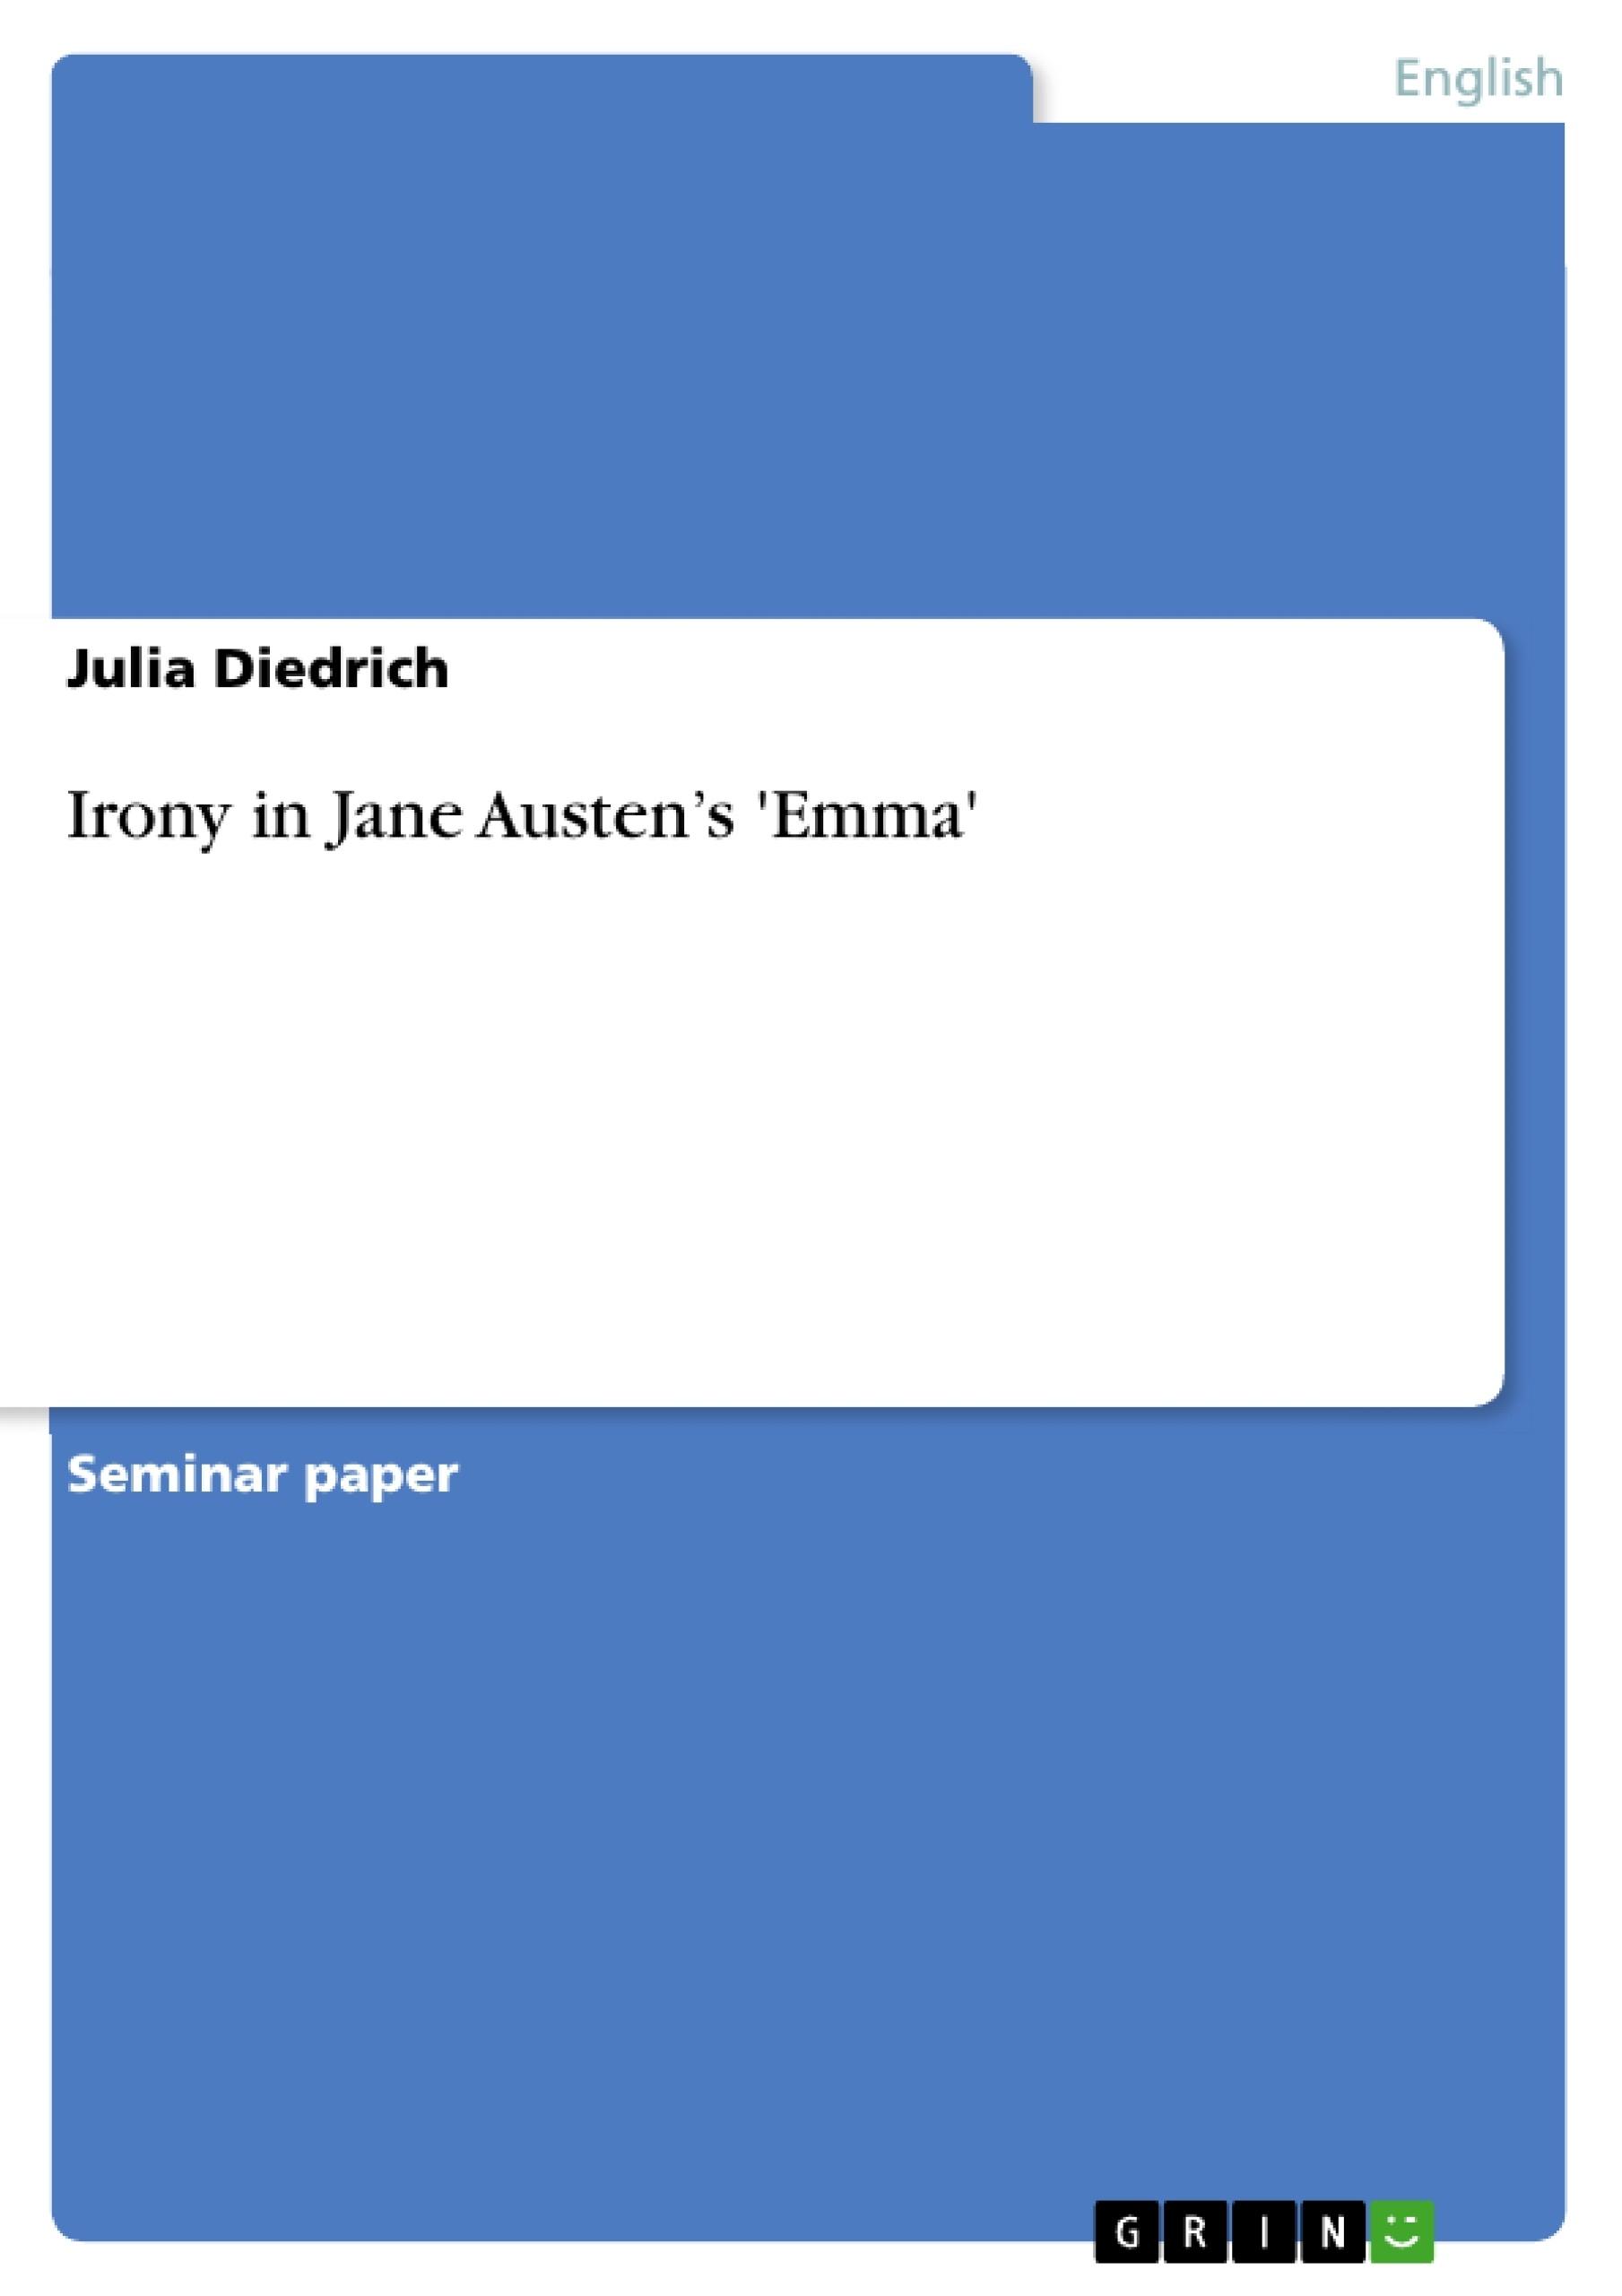 Title: Irony in Jane Austen's 'Emma'